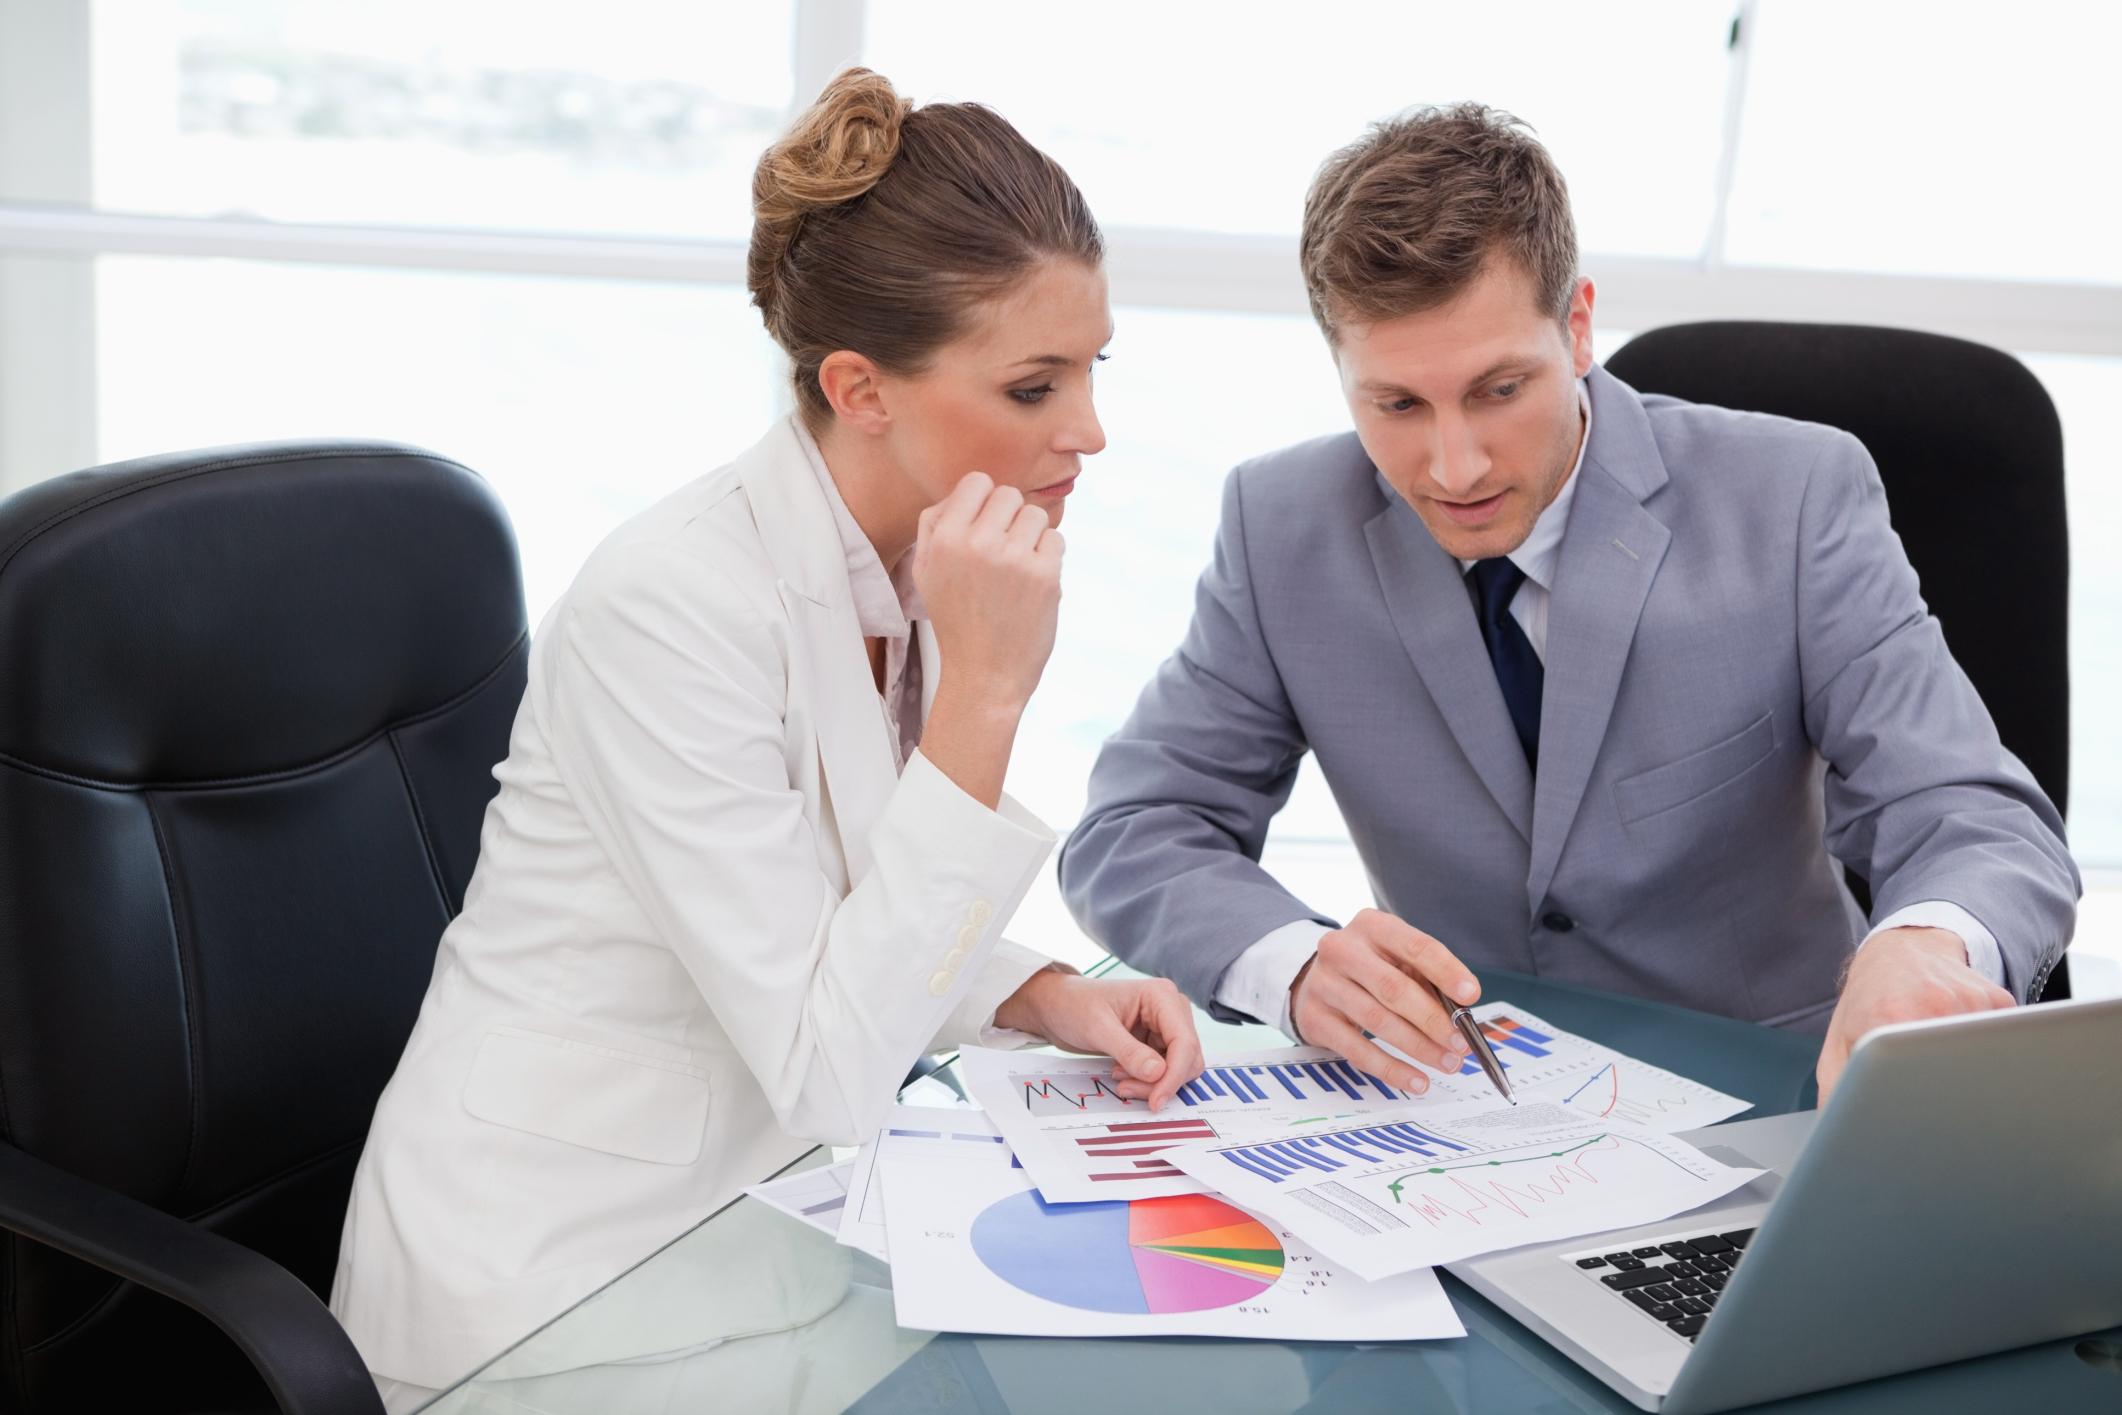 contabilidad finanzas contador pymes contable financiero atencion analizar analisis_ELFIMA20150421_0016_1